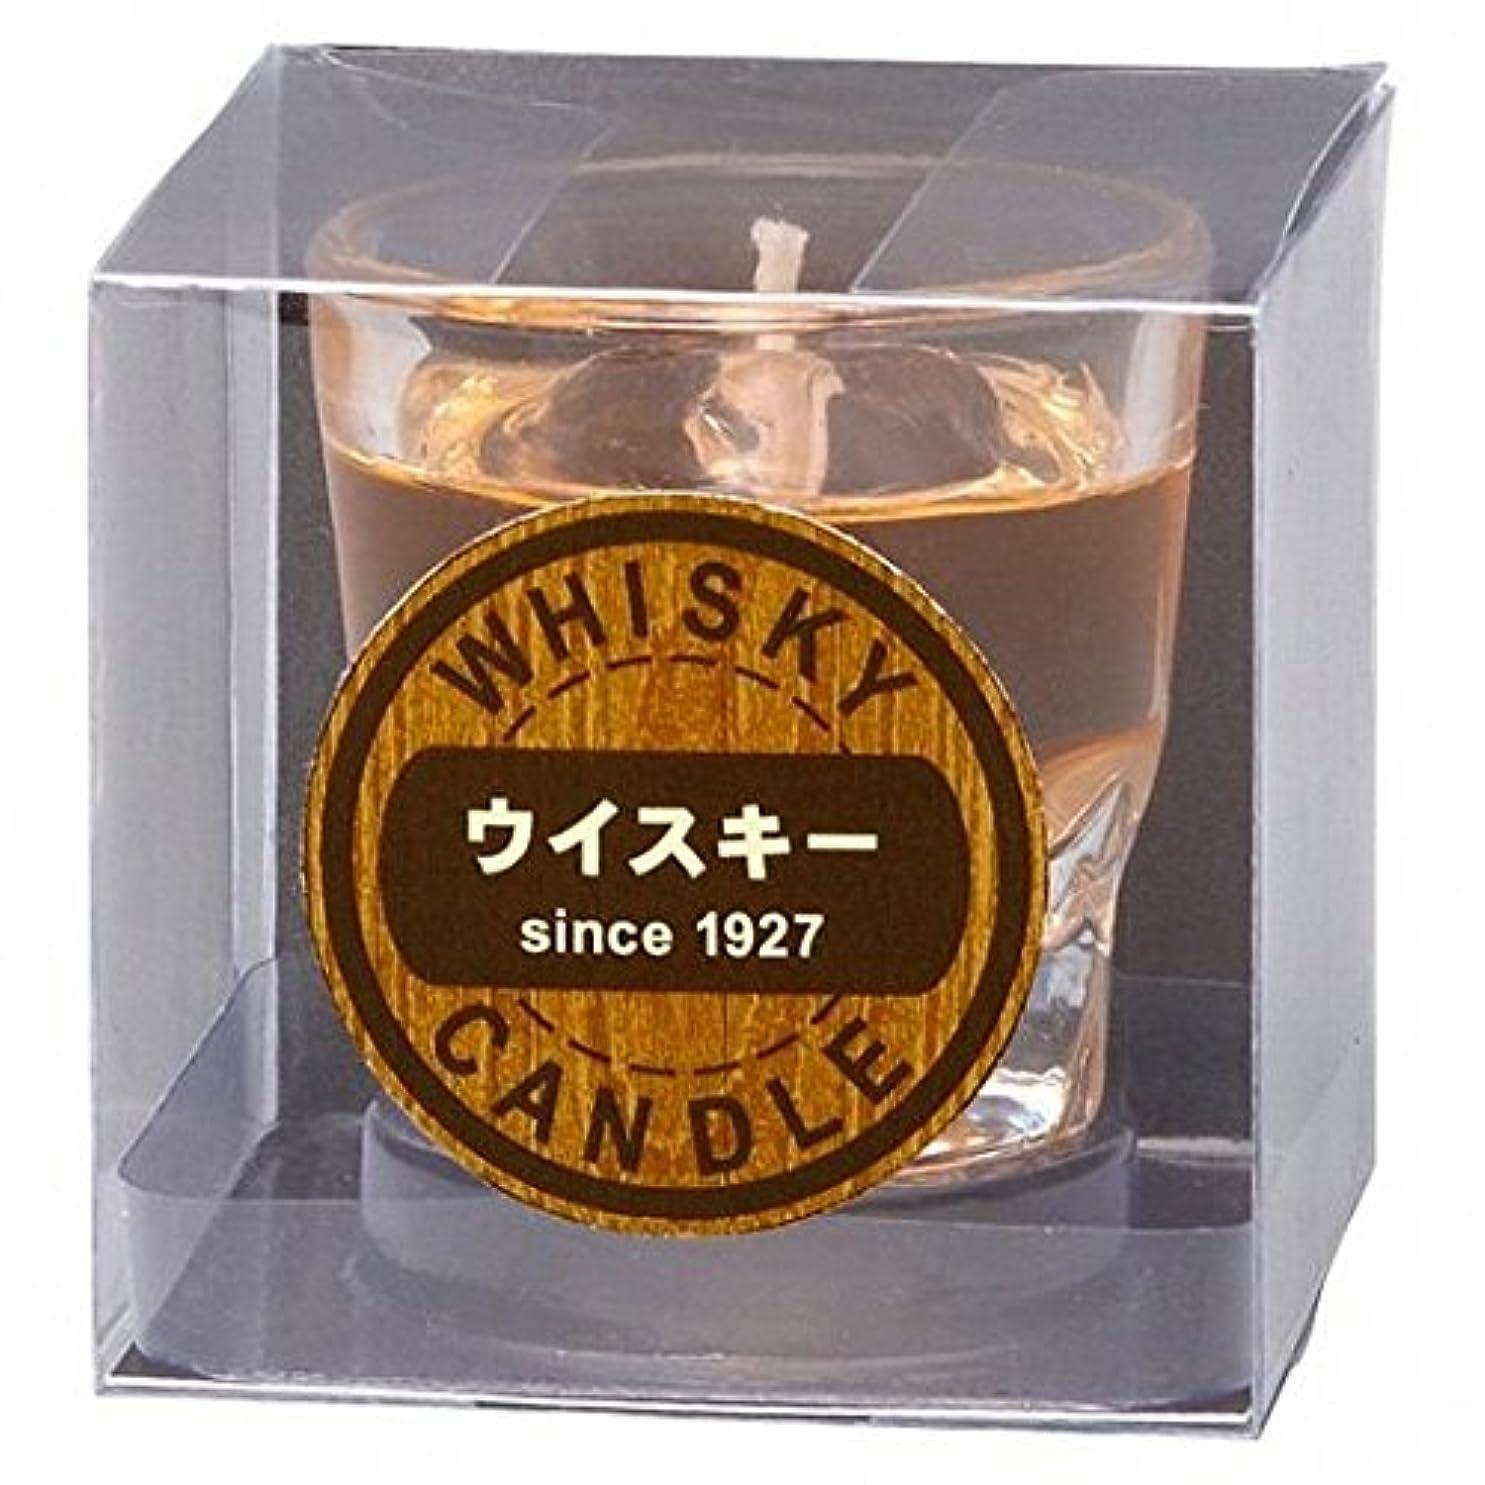 小数抑制持続的kameyama candle(カメヤマキャンドル) ウイスキーロックキャンドル(86170000)